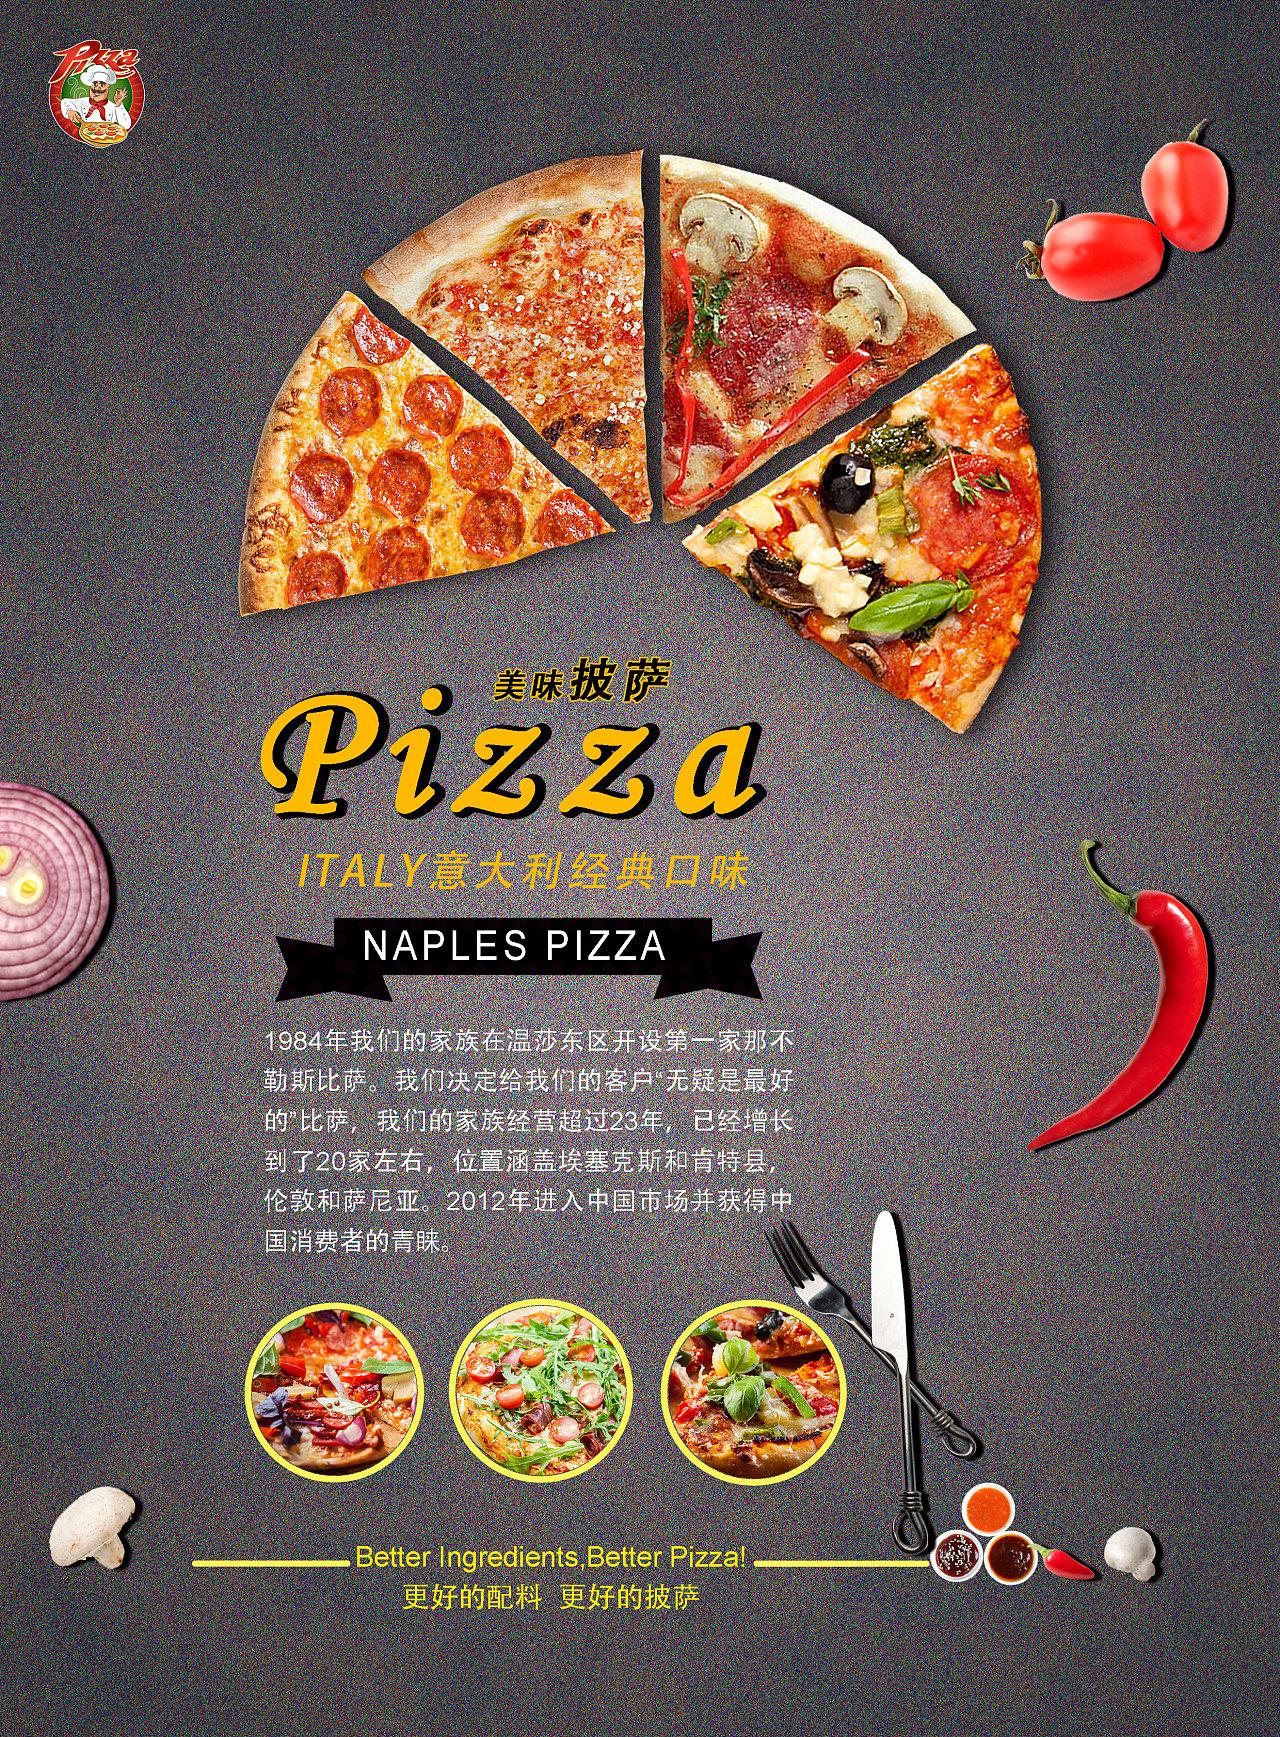 必胜客披萨|平面|海报|floreter - 原创作品 - 站酷图片